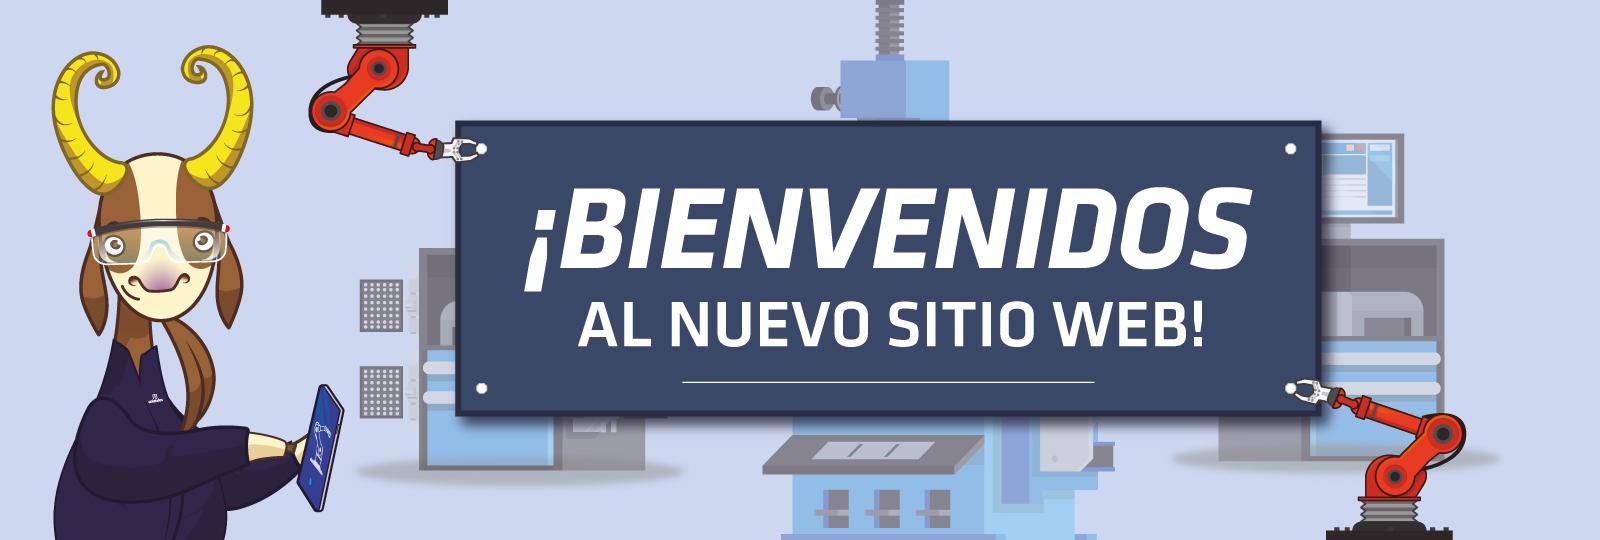 Bienvenidos al nuevo sitio web del Departamento de Ingeniería Mecánica de la Universidad de los Andes